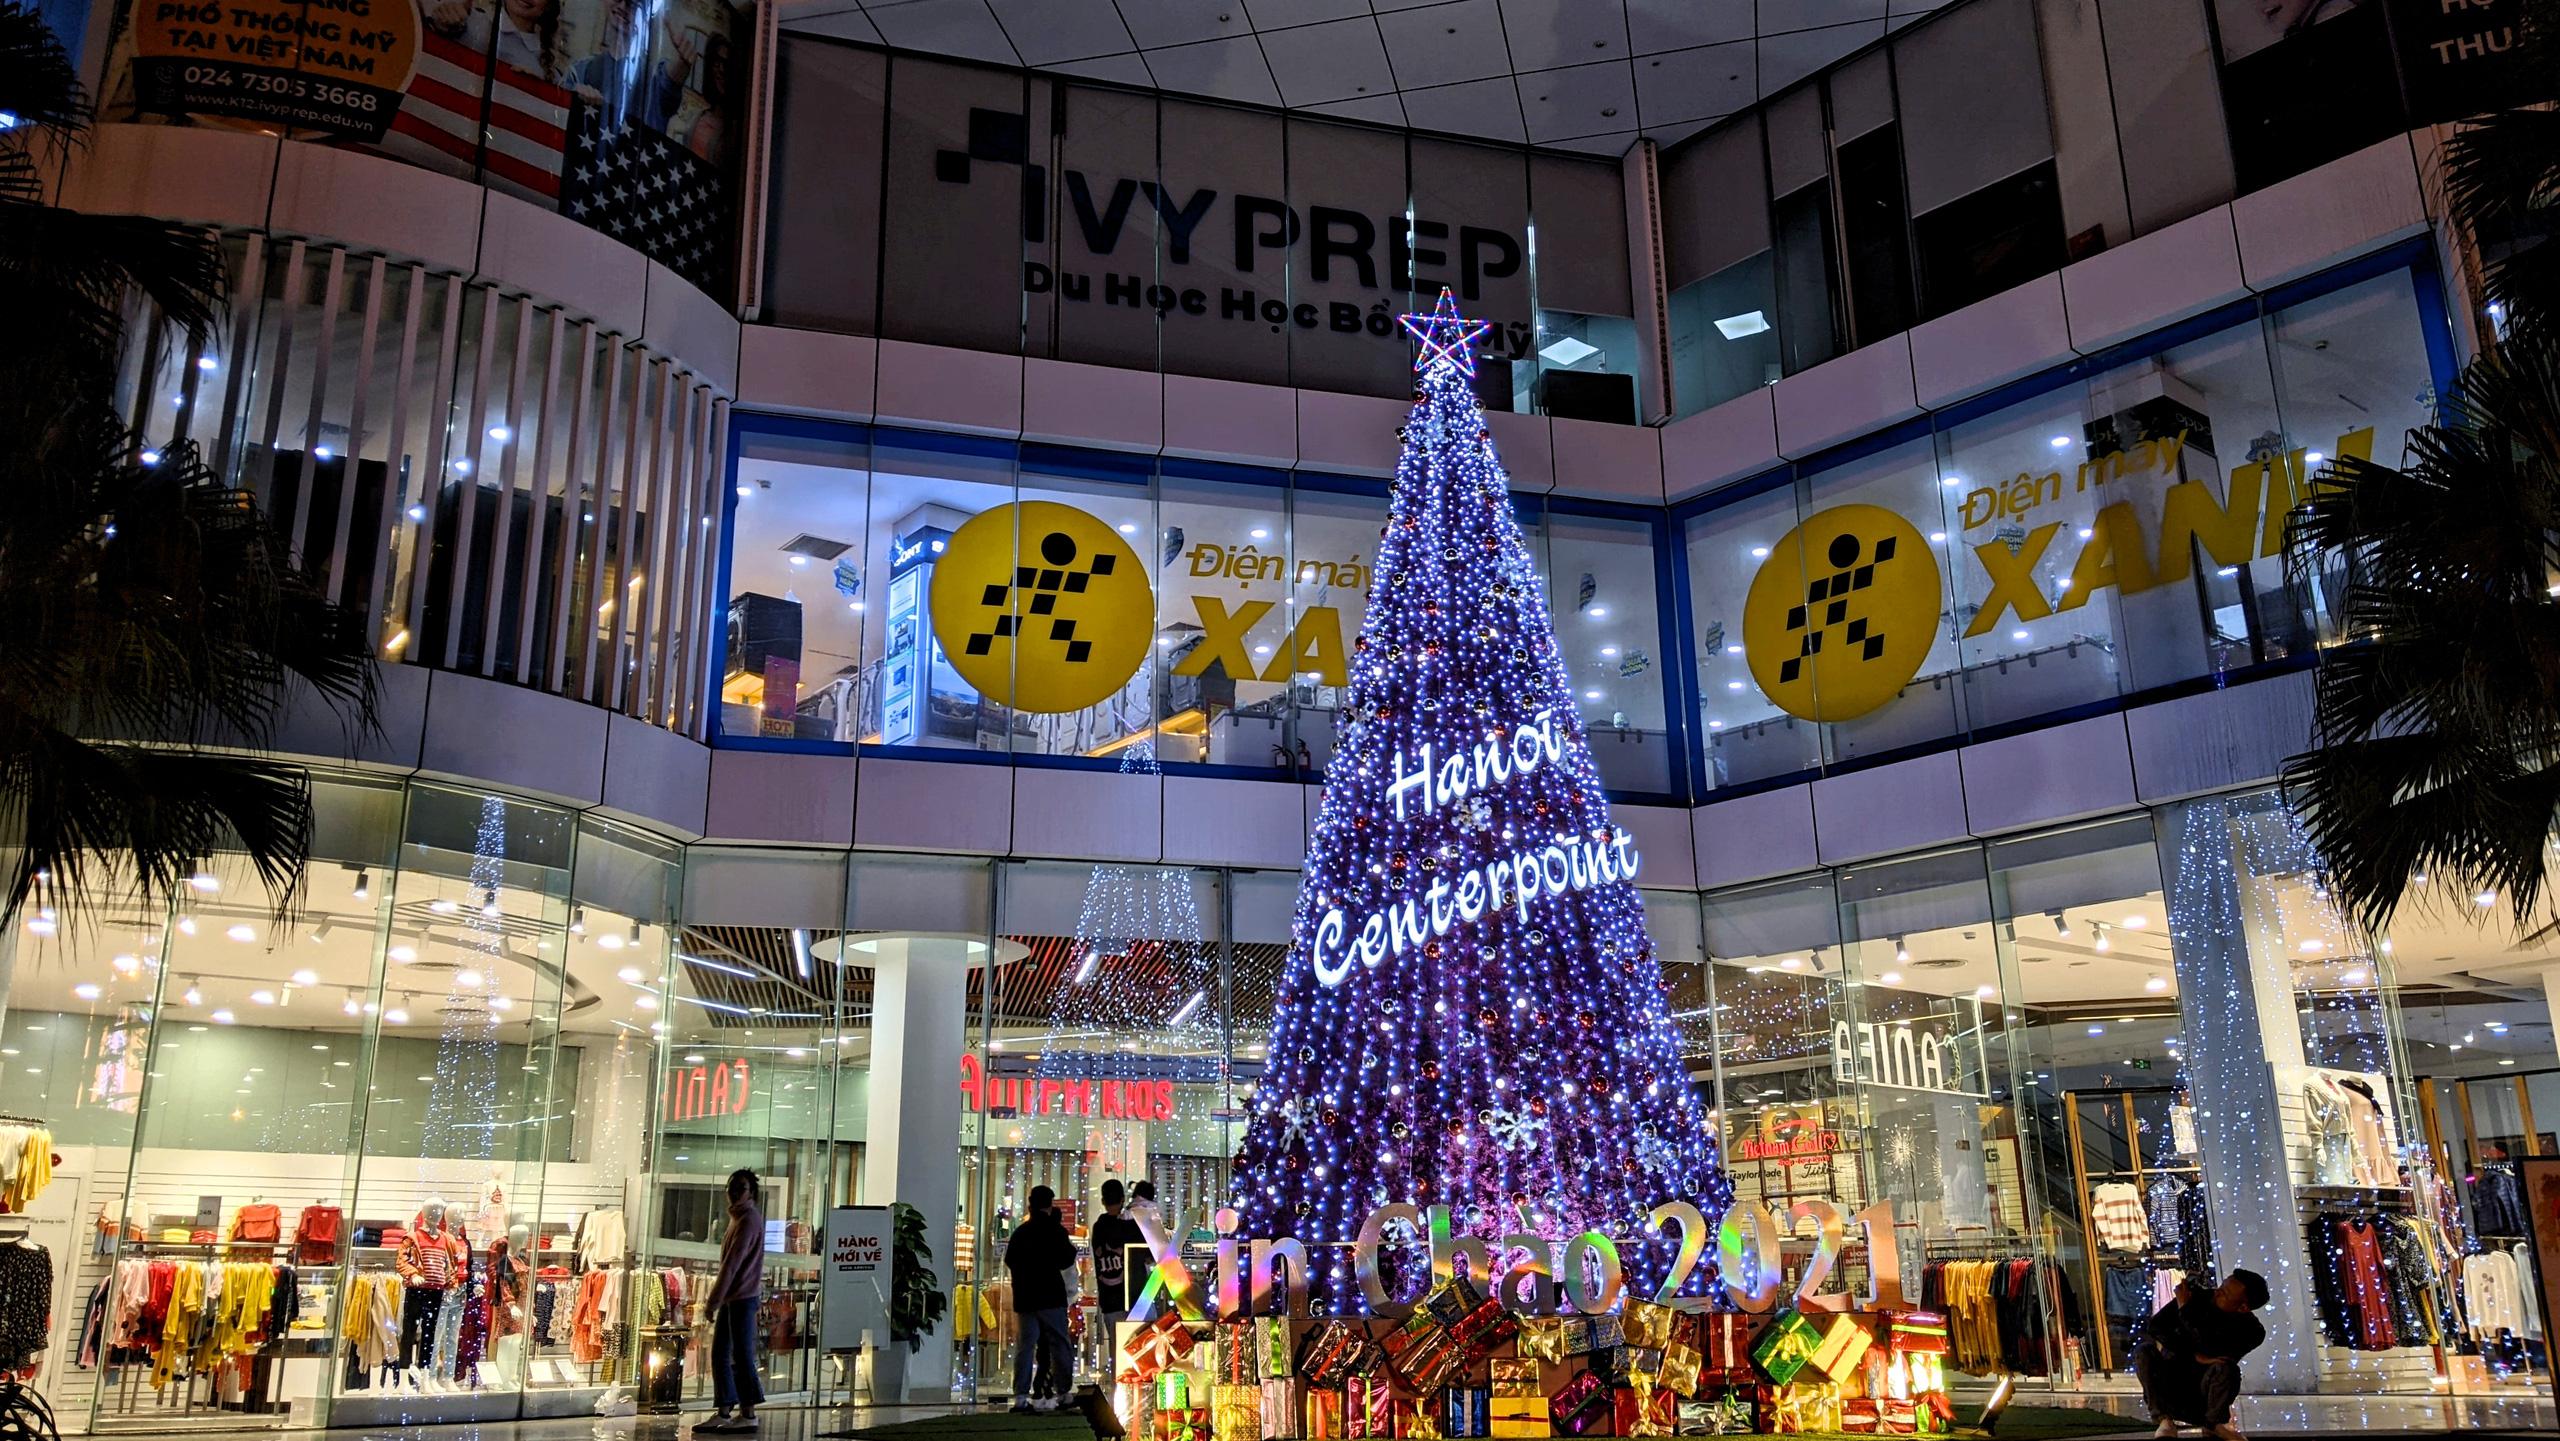 Khách sạn, trung tâm thương mại đồng loạt 'thay áo' mùa Giáng sinh 2020 - Ảnh 11.